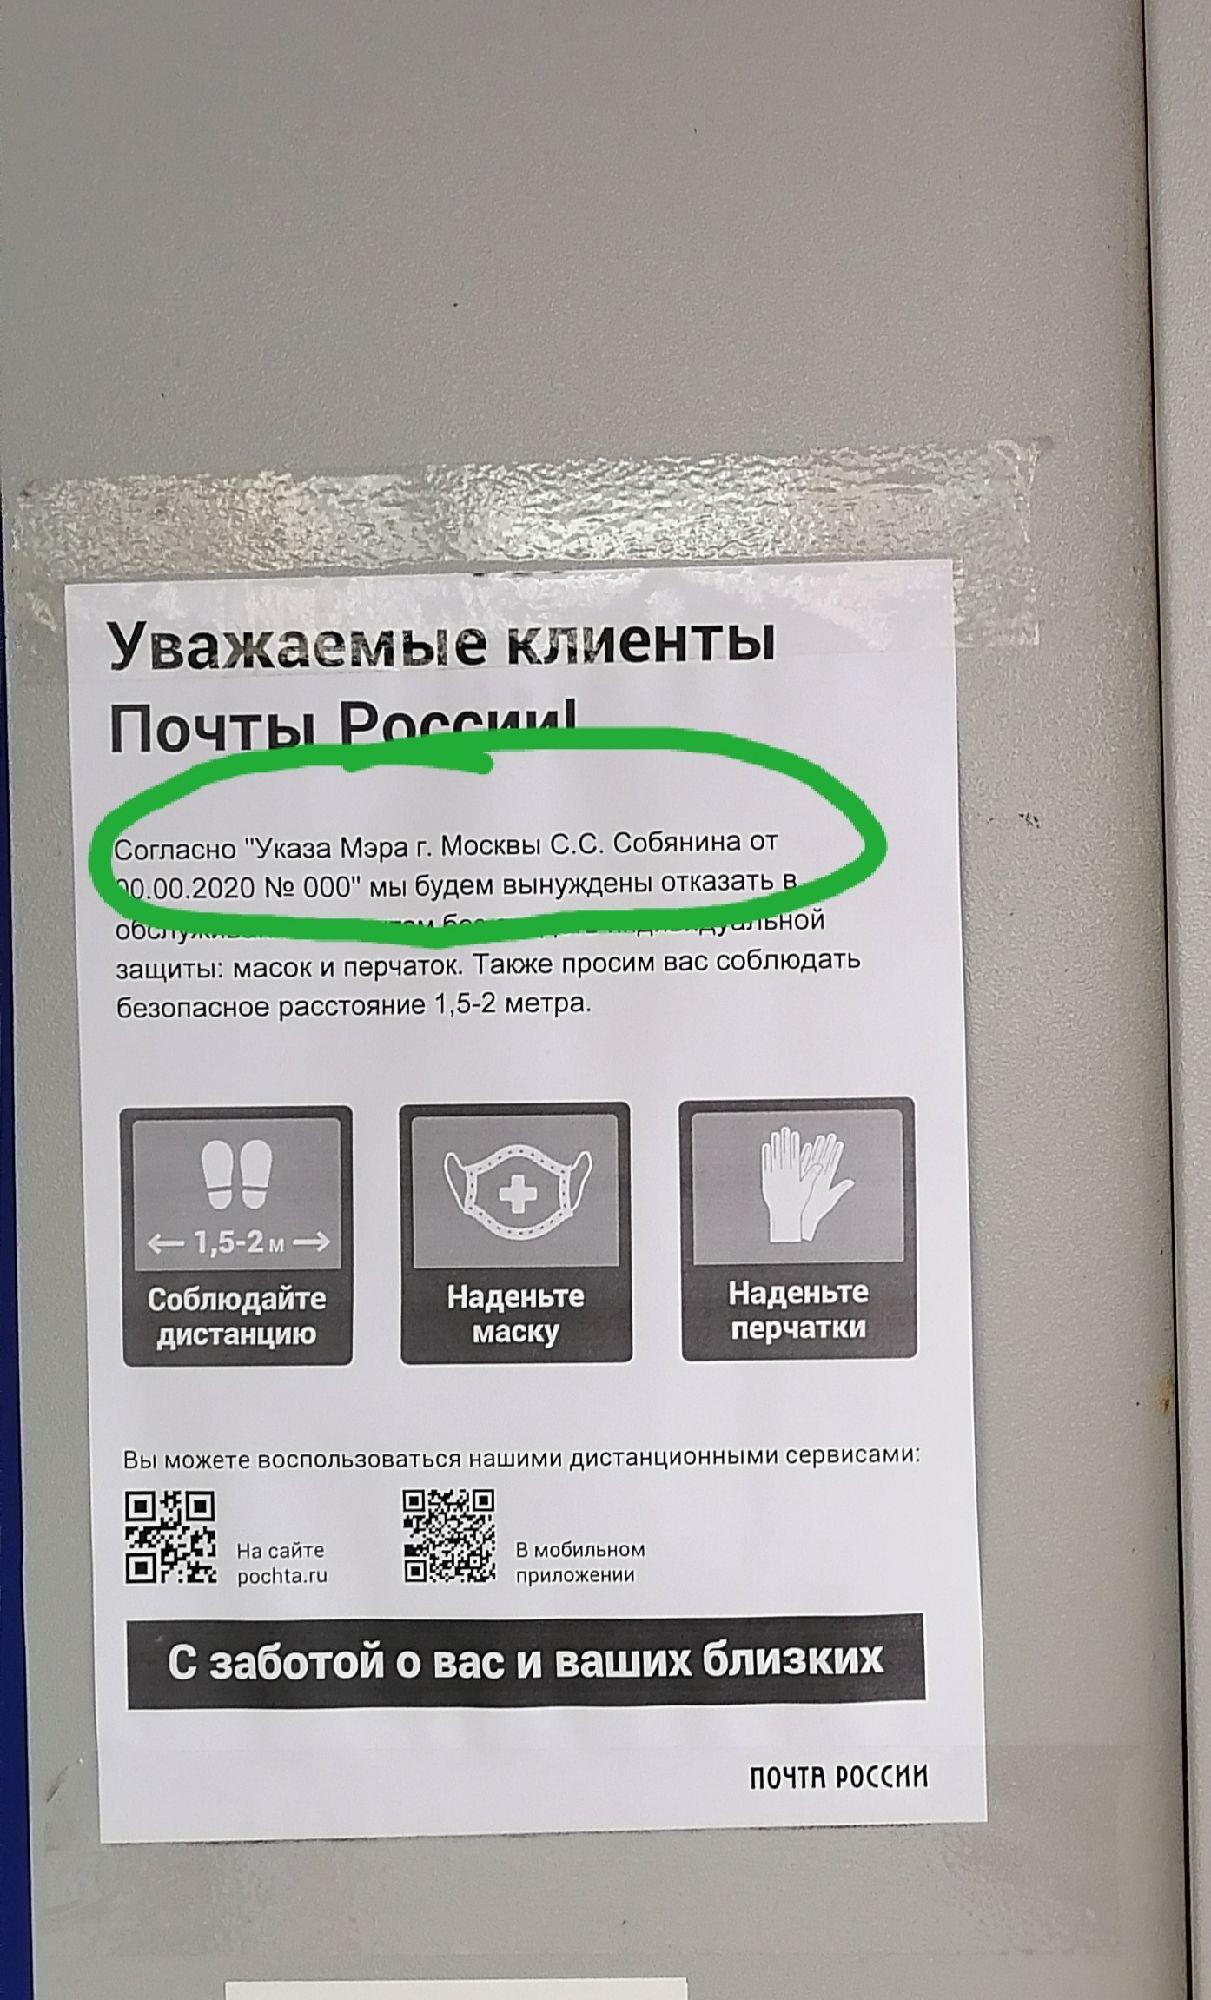 Объявление на дверях того же самого почтового отделения